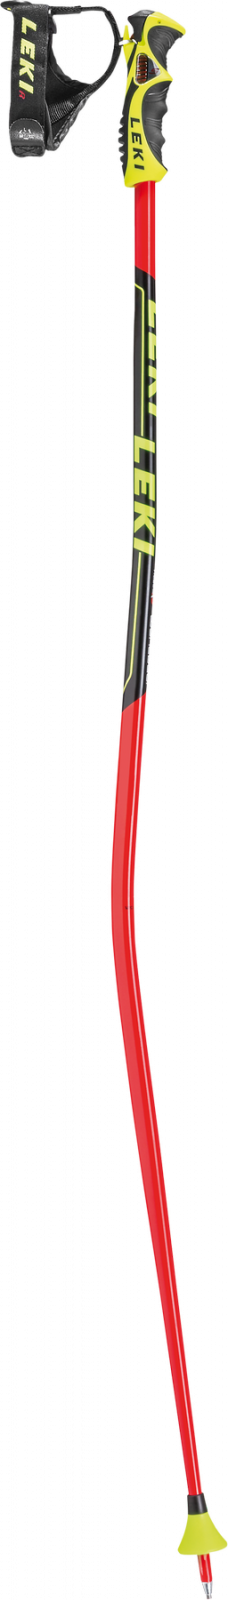 závodní sjezdové hole Leki Worldcup Racing GS